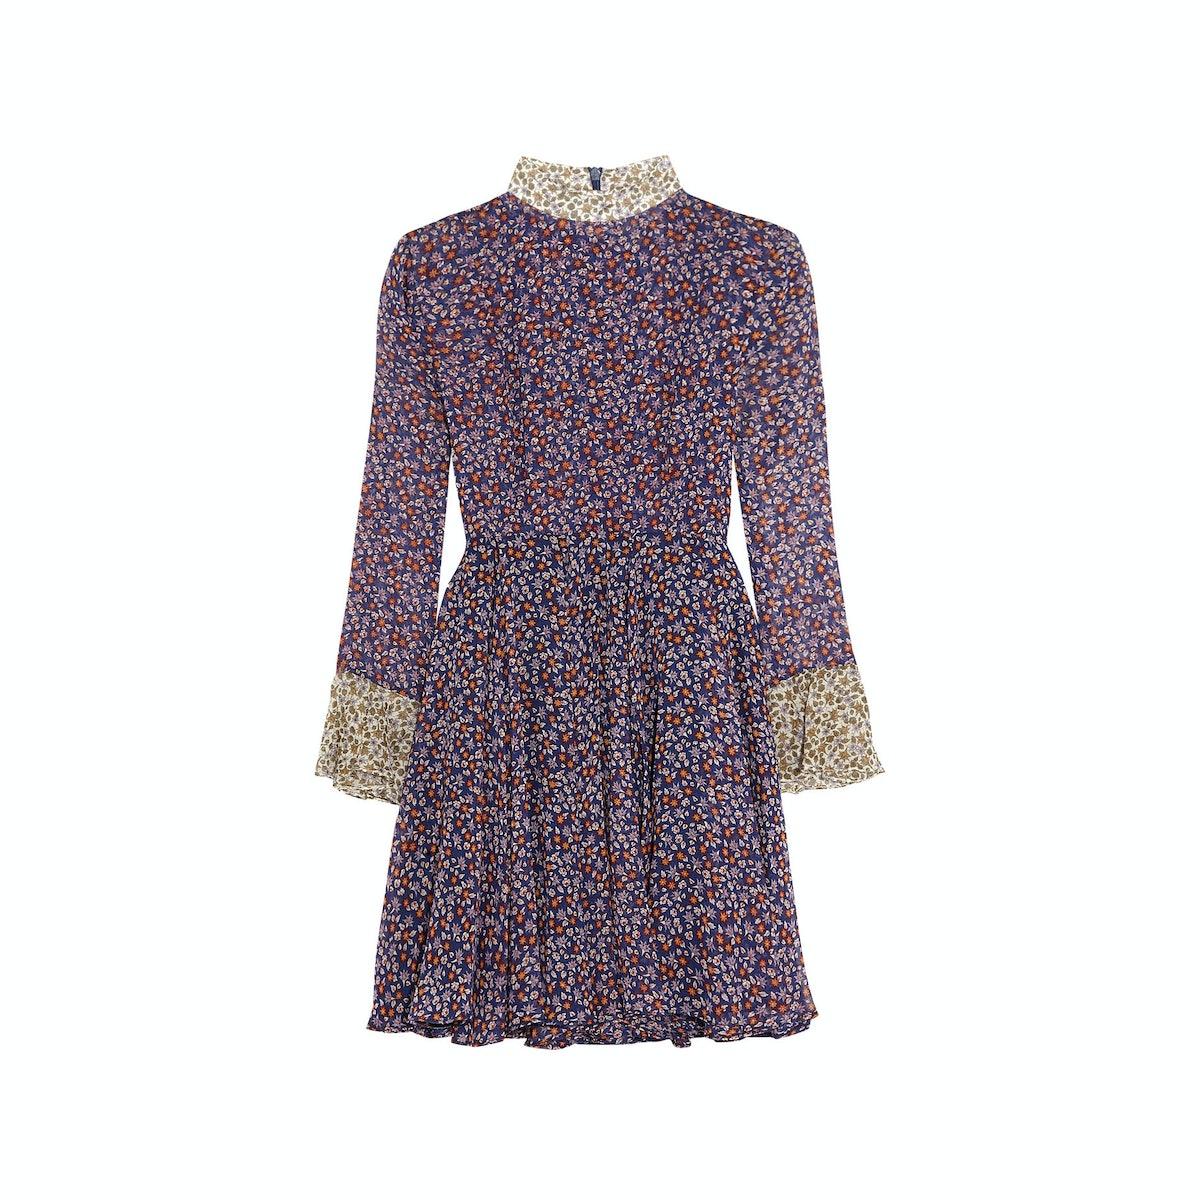 Topshop Unique dress